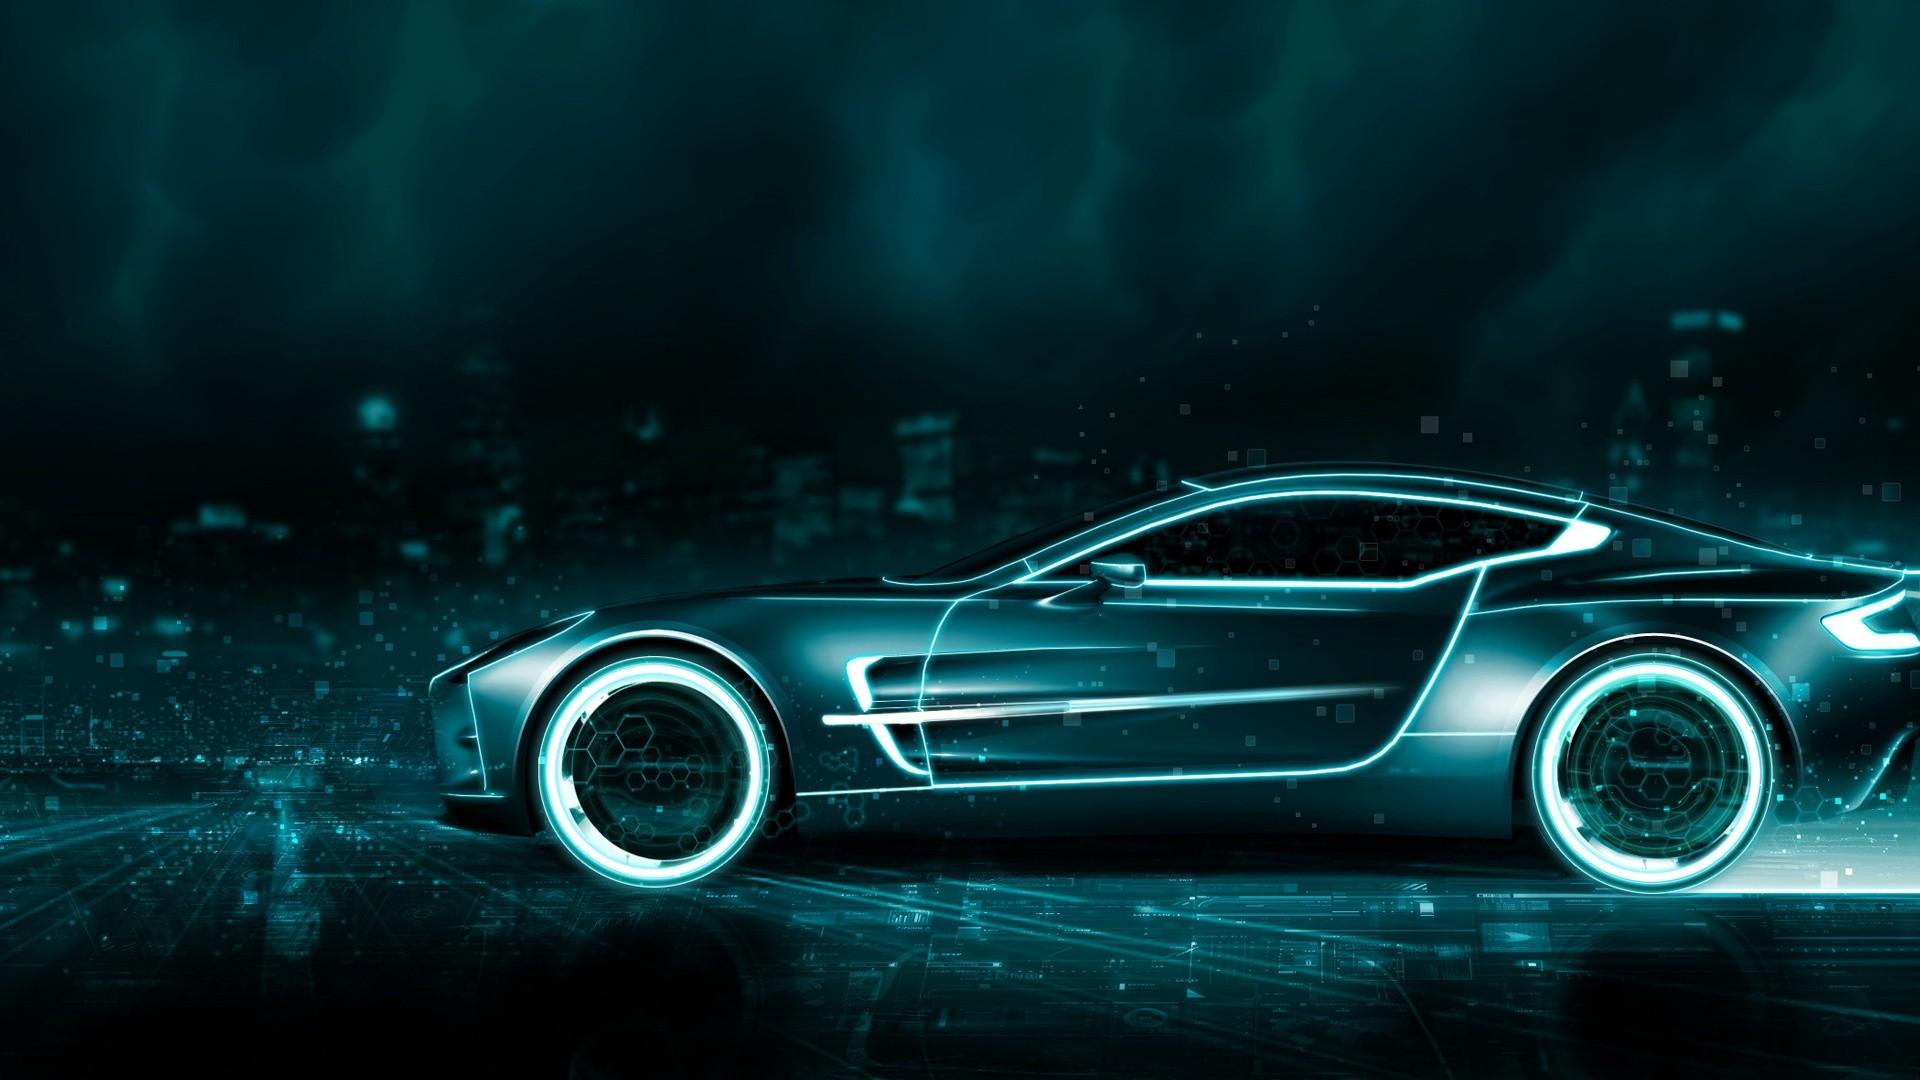 Fond D Ecran Vehicule Mercedes Benz Voiture De Sport Aston